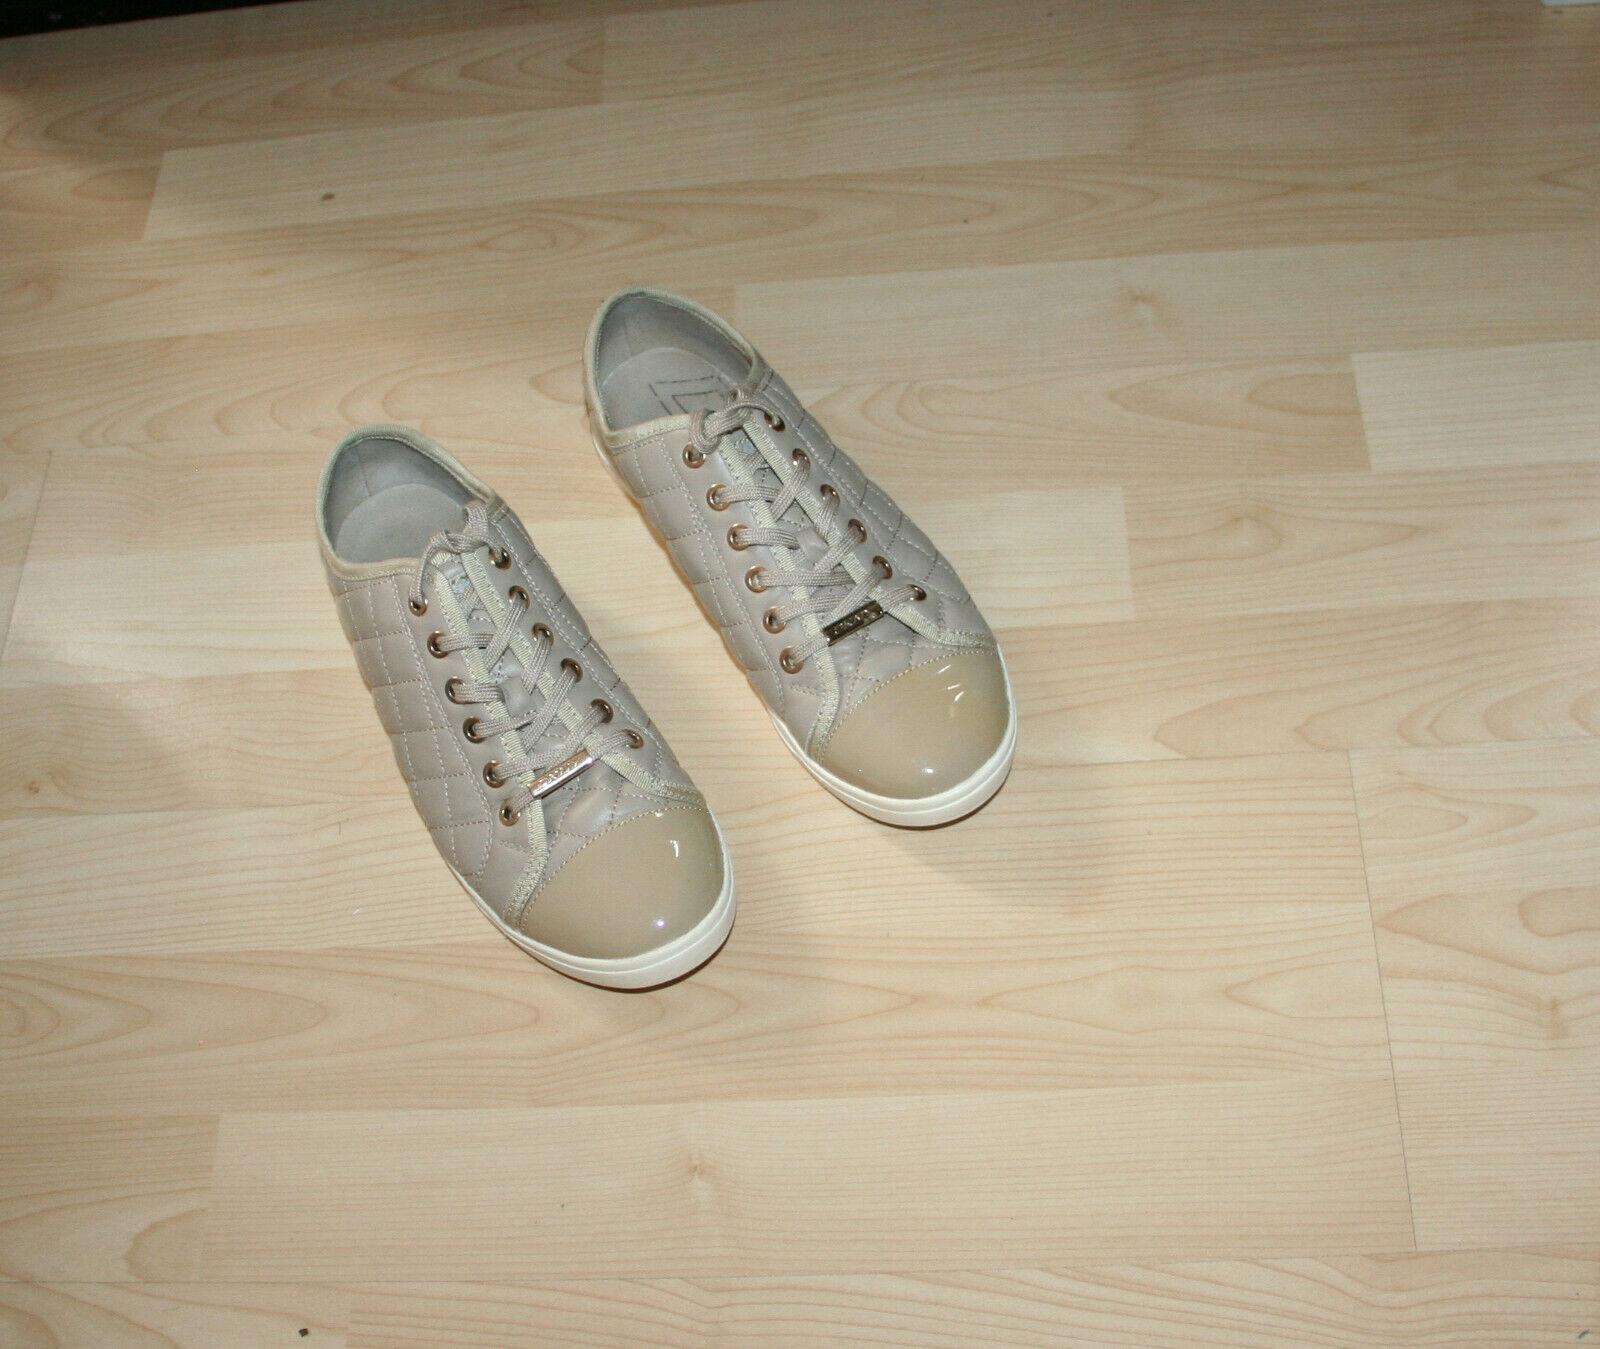 los nuevos estilos calientes Dkny Betty bombas señoras acolchada Zapatillas zapatillas Reino Reino Reino Unido 5 - 5.5  sin mínimo